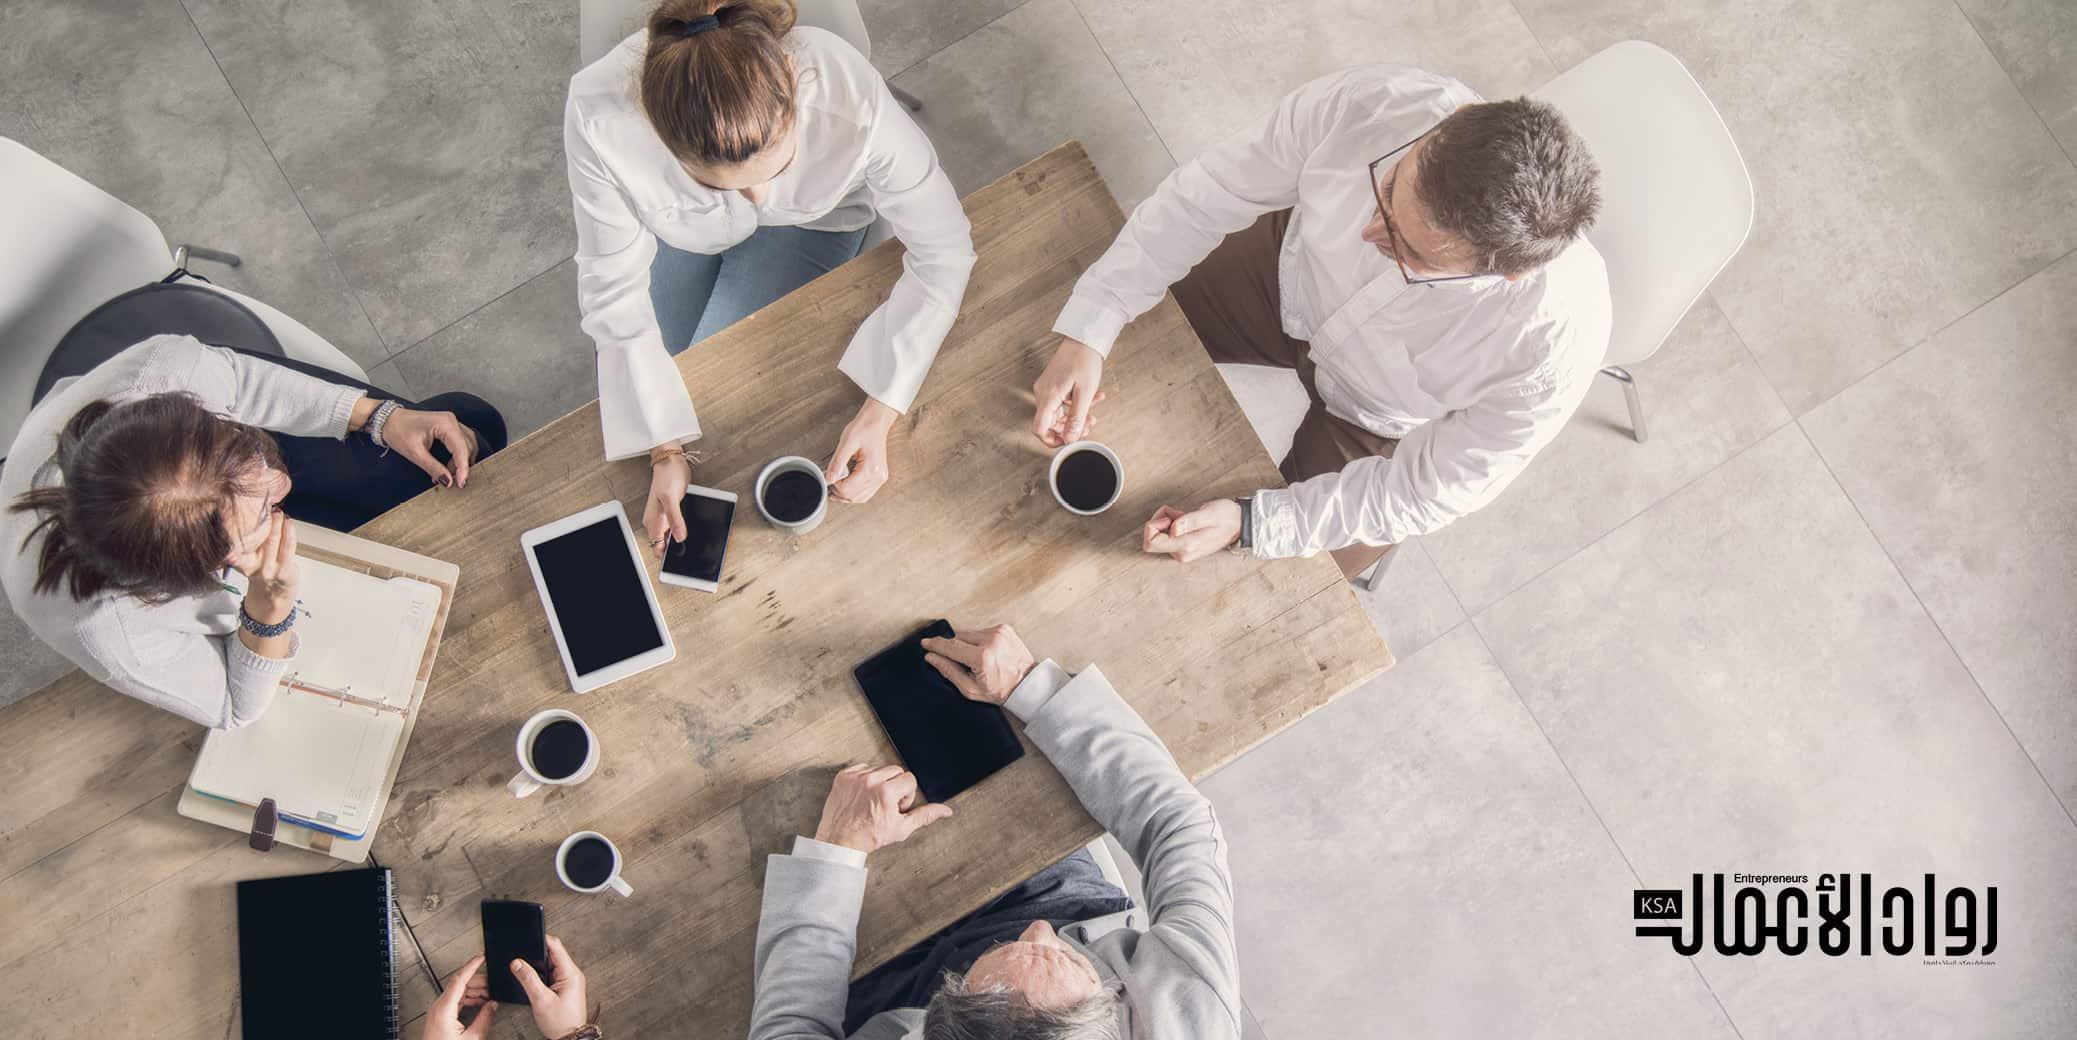 أهداف ريادة الأعمال الاجتماعية